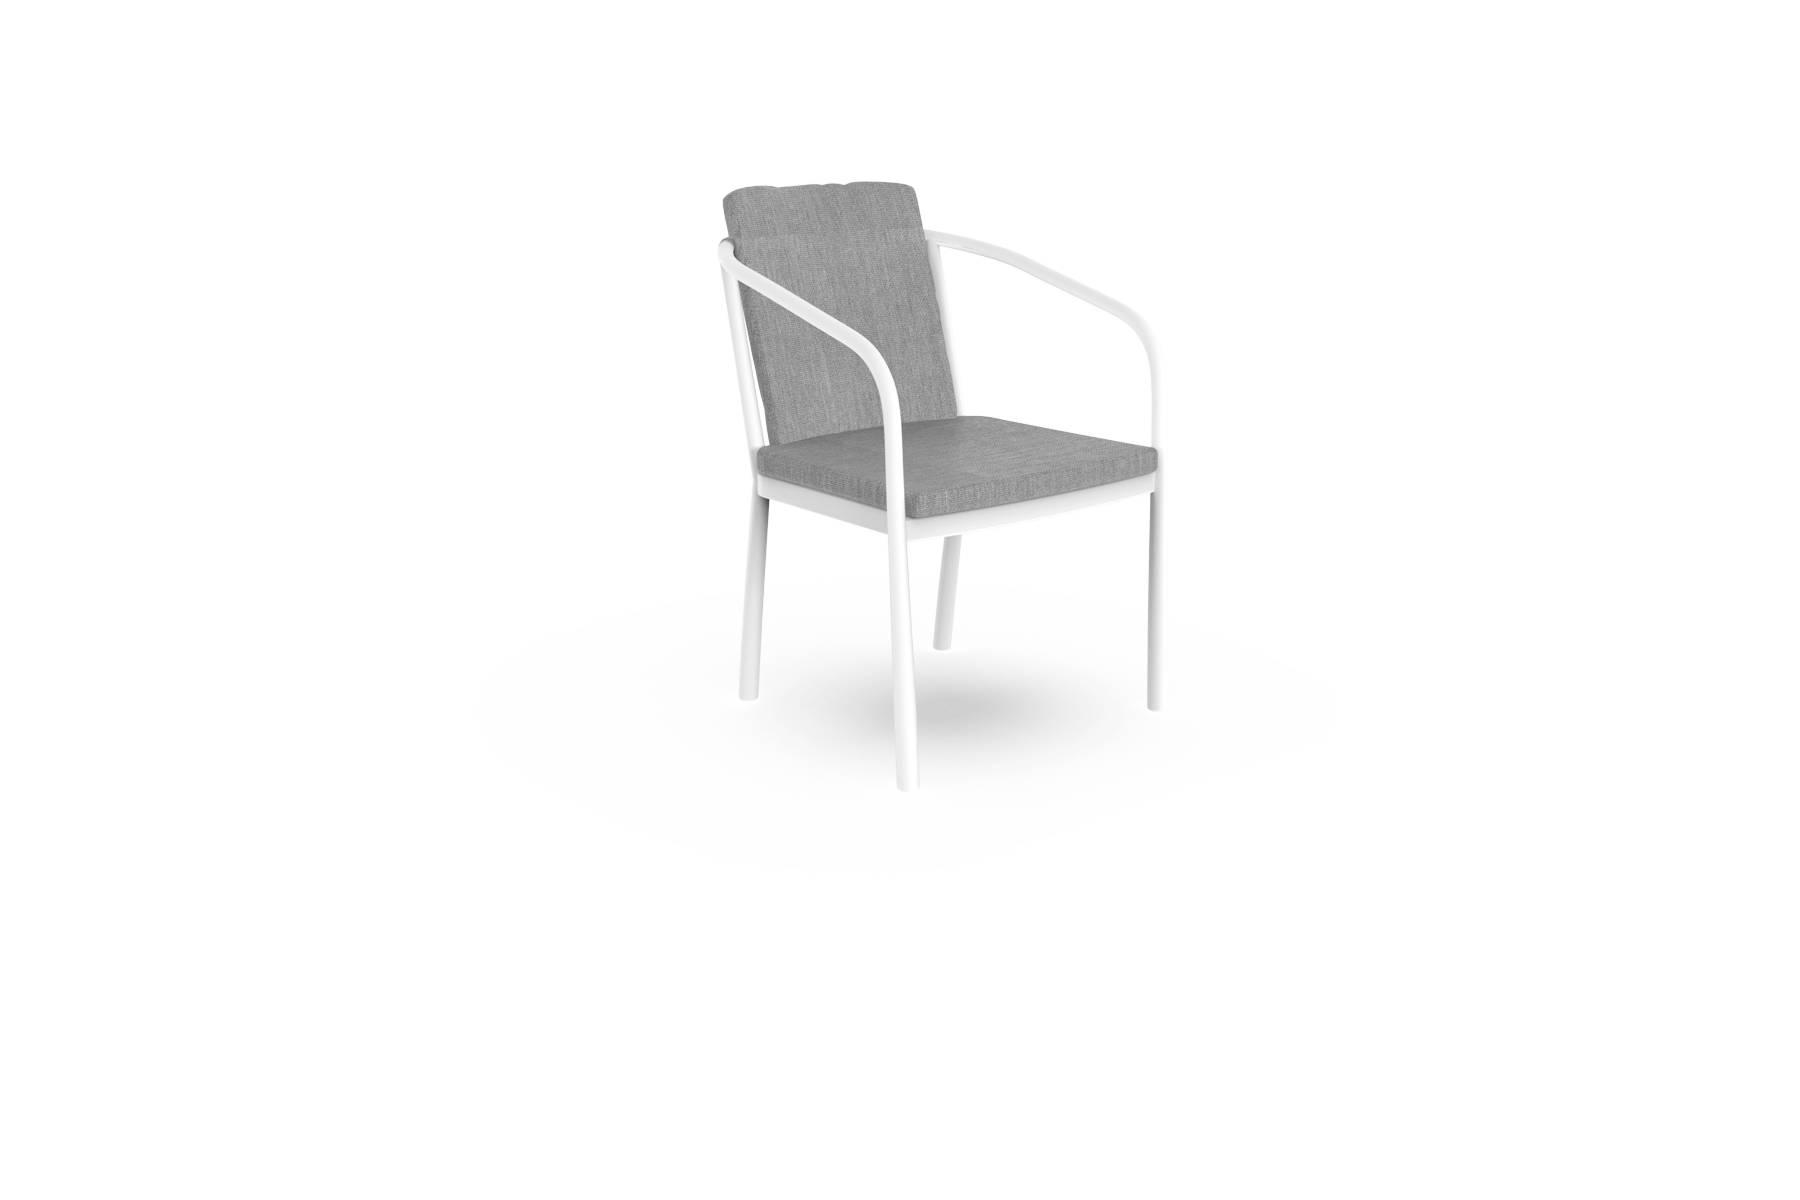 Sofy Sessel für den Essbereich